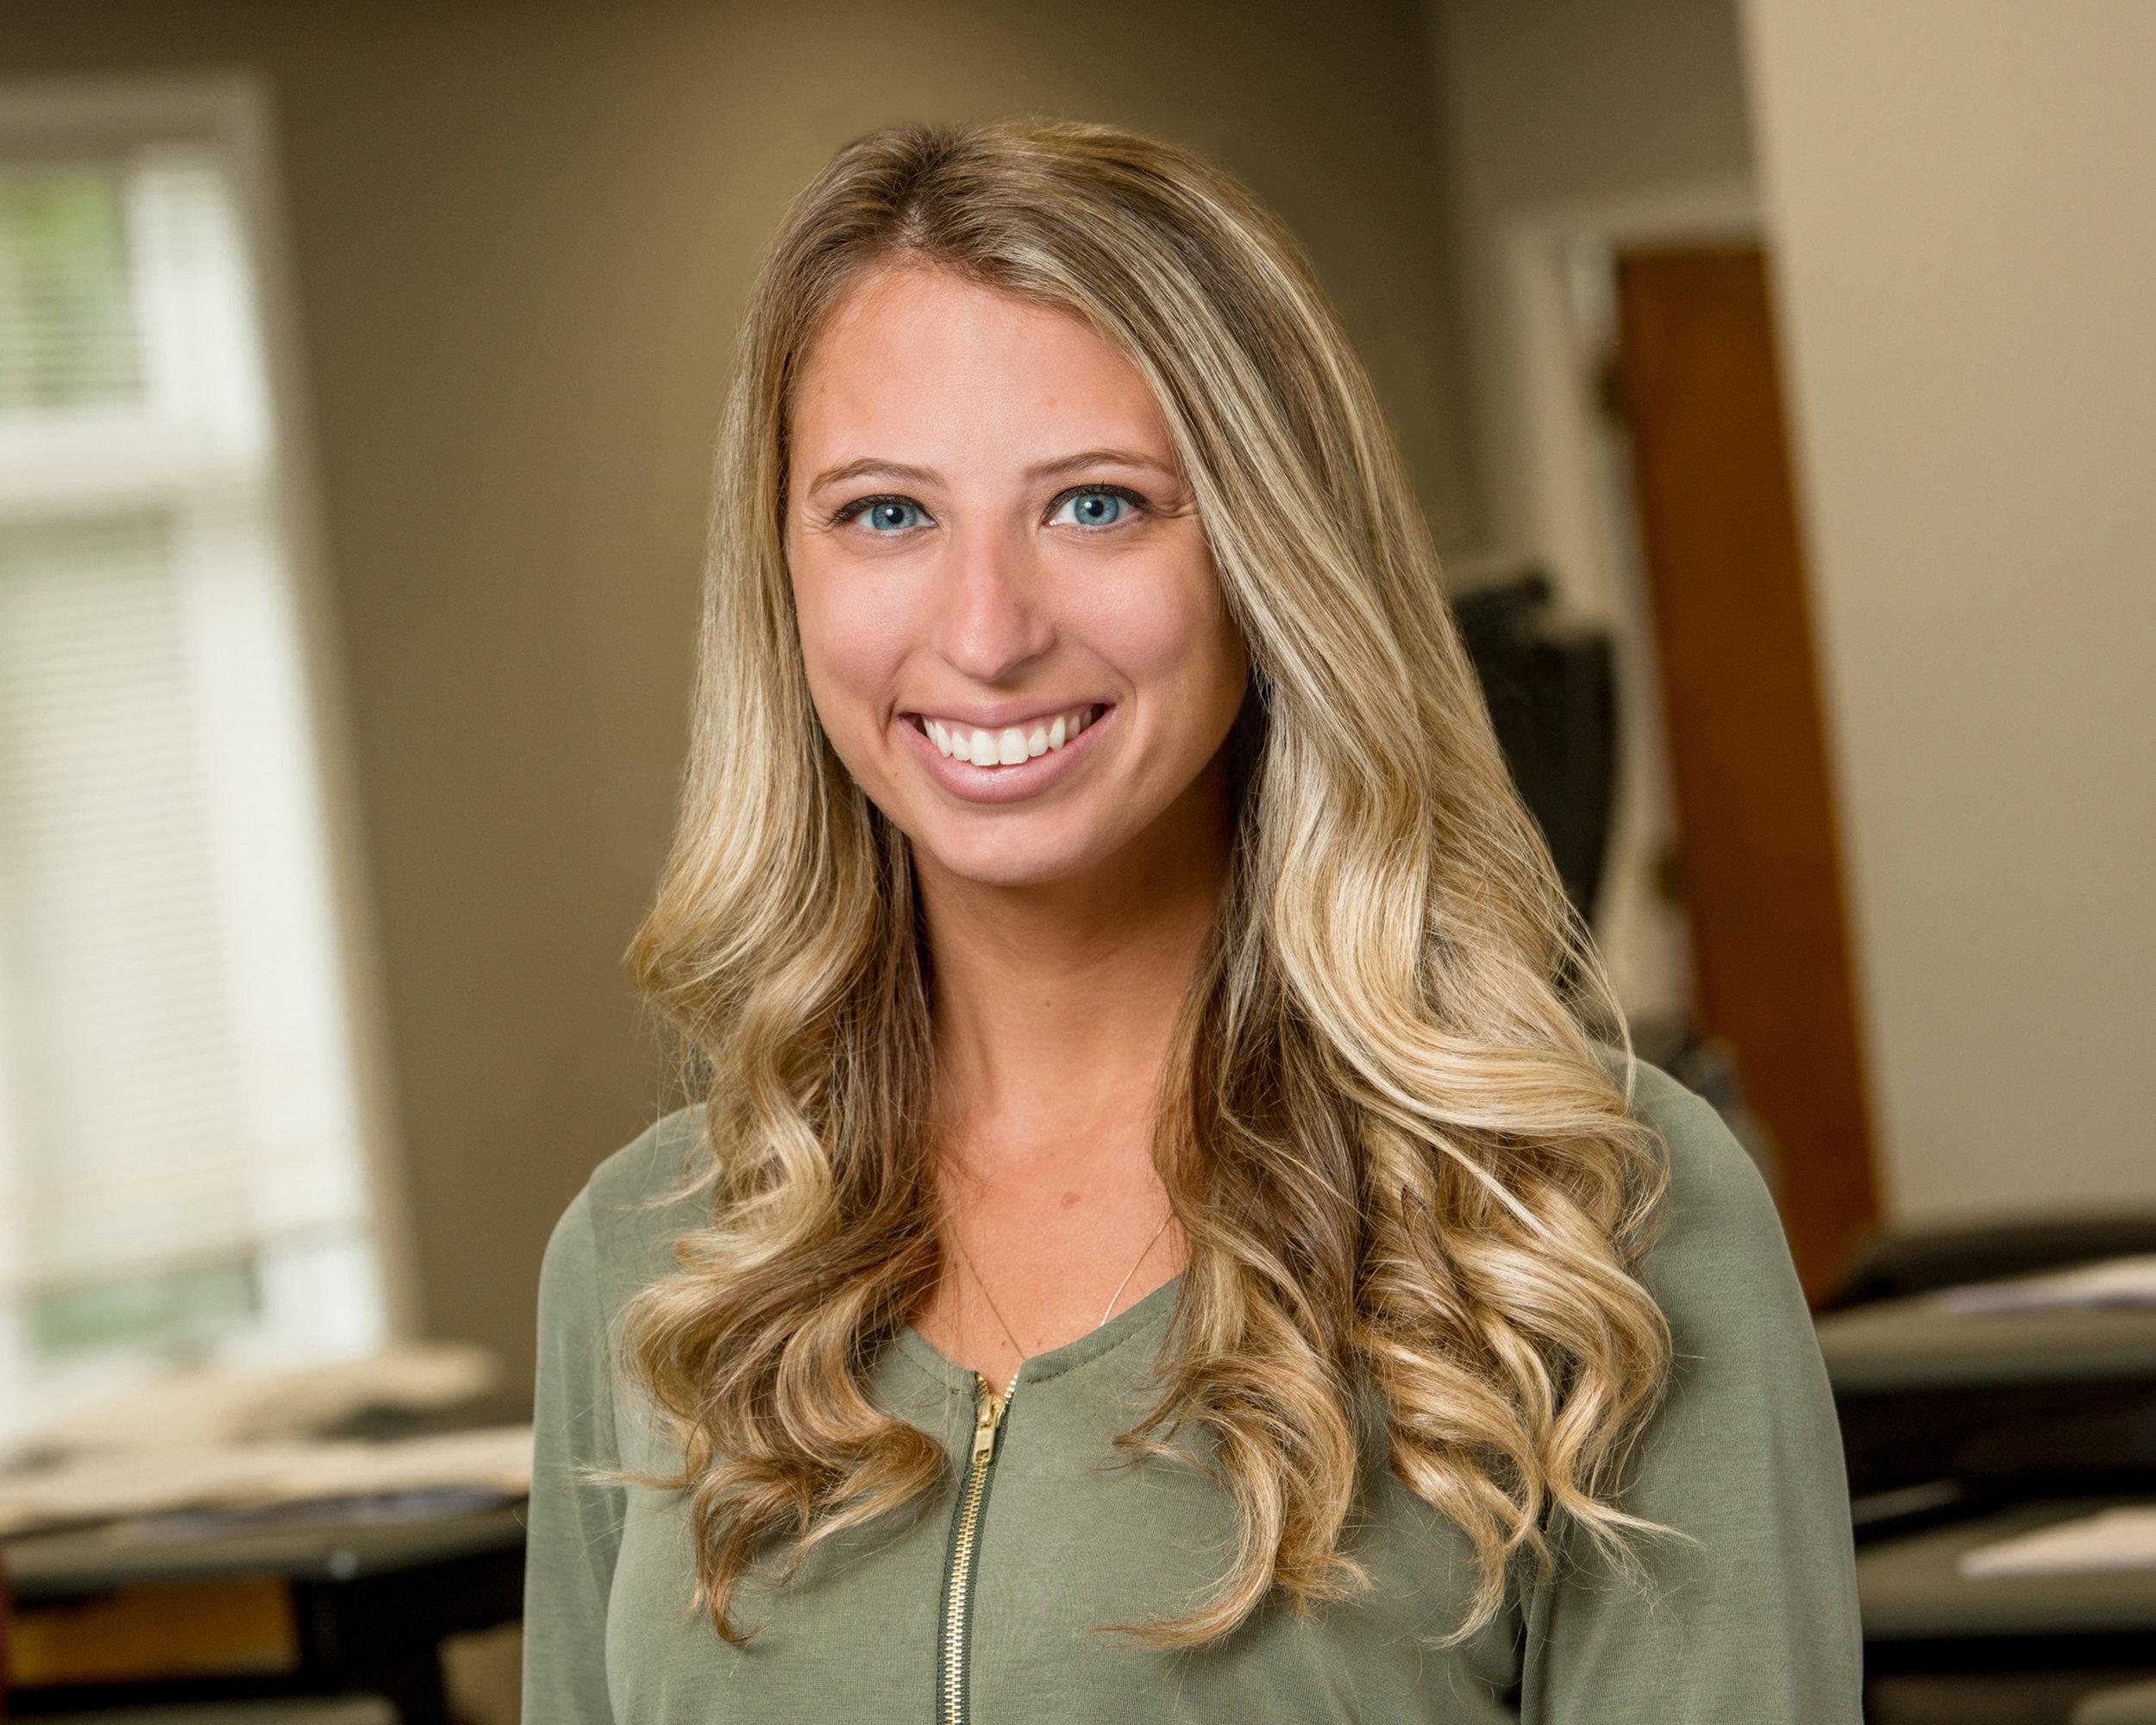 Lattimore Physical Therapist Lindsay Plucknette